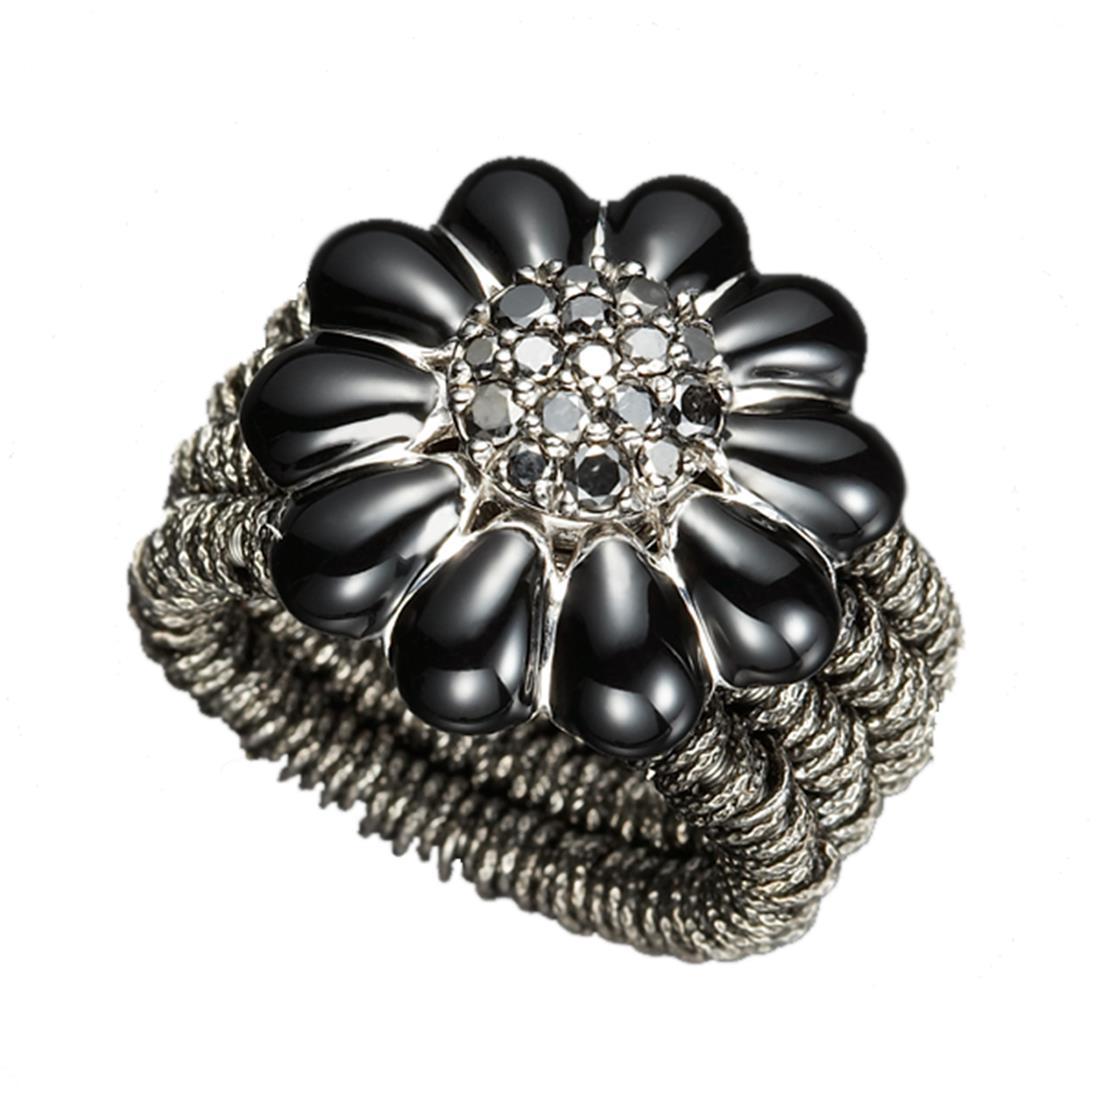 Anello in argento brunito con margherita nera e diamanti neri - ROBERTO DEMEGLIO